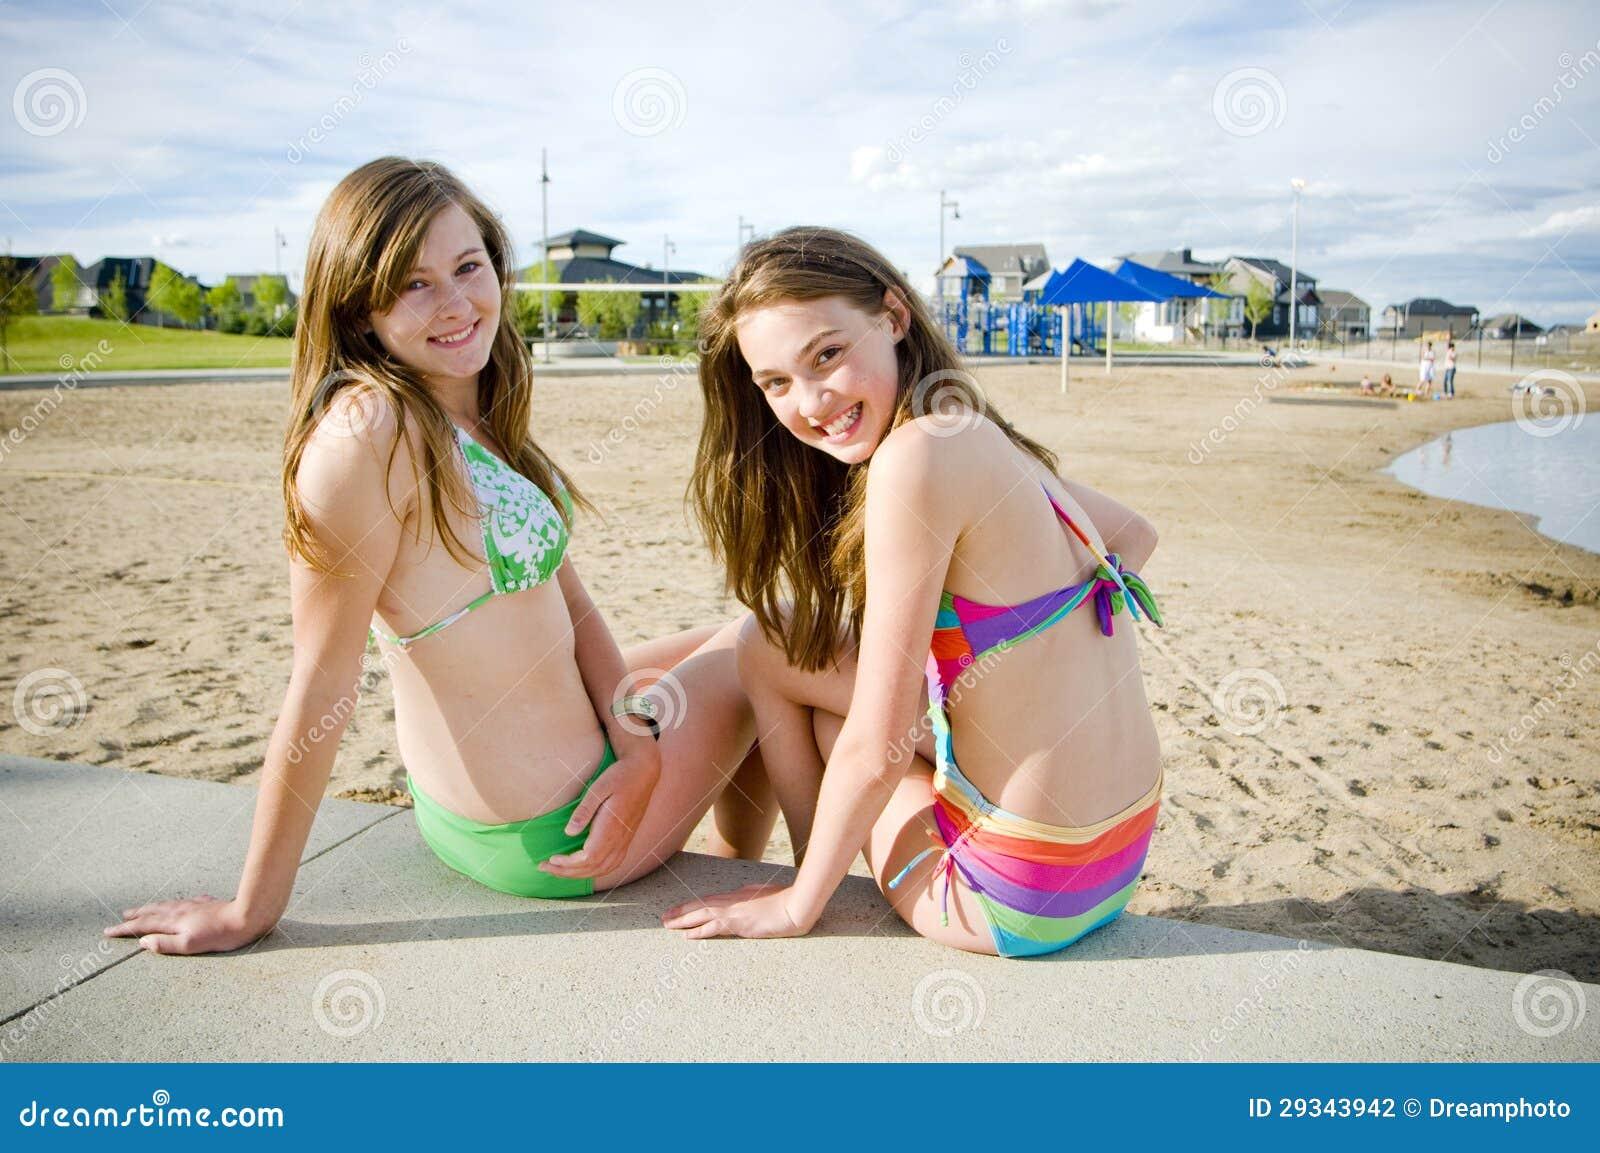 Re: PORNO ADOLESCENTE DEL BUENO Y GRATIS EN: